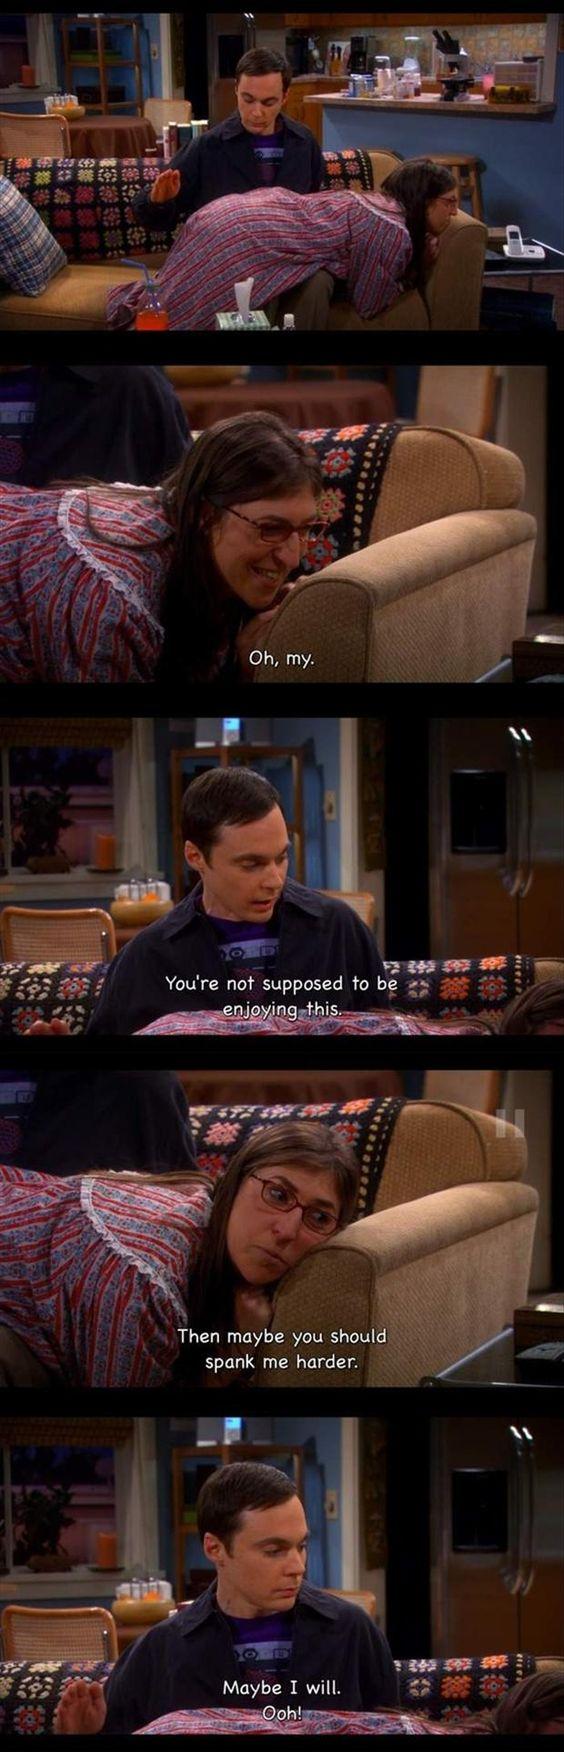 Awkwardly hilarious!!!